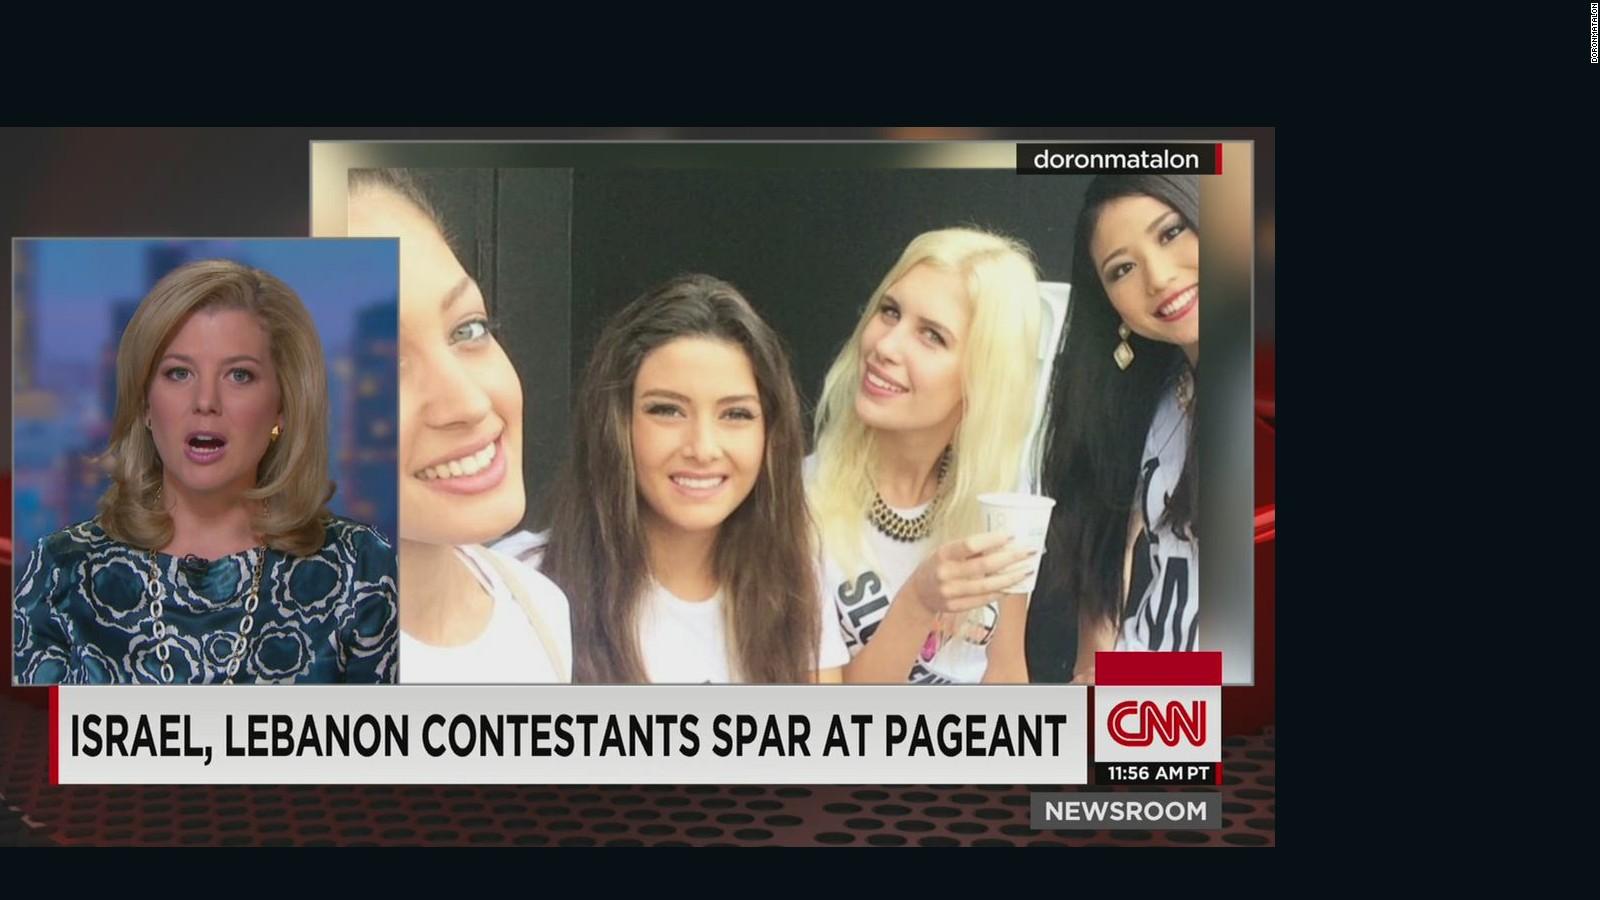 девочки перед камерой порно видео